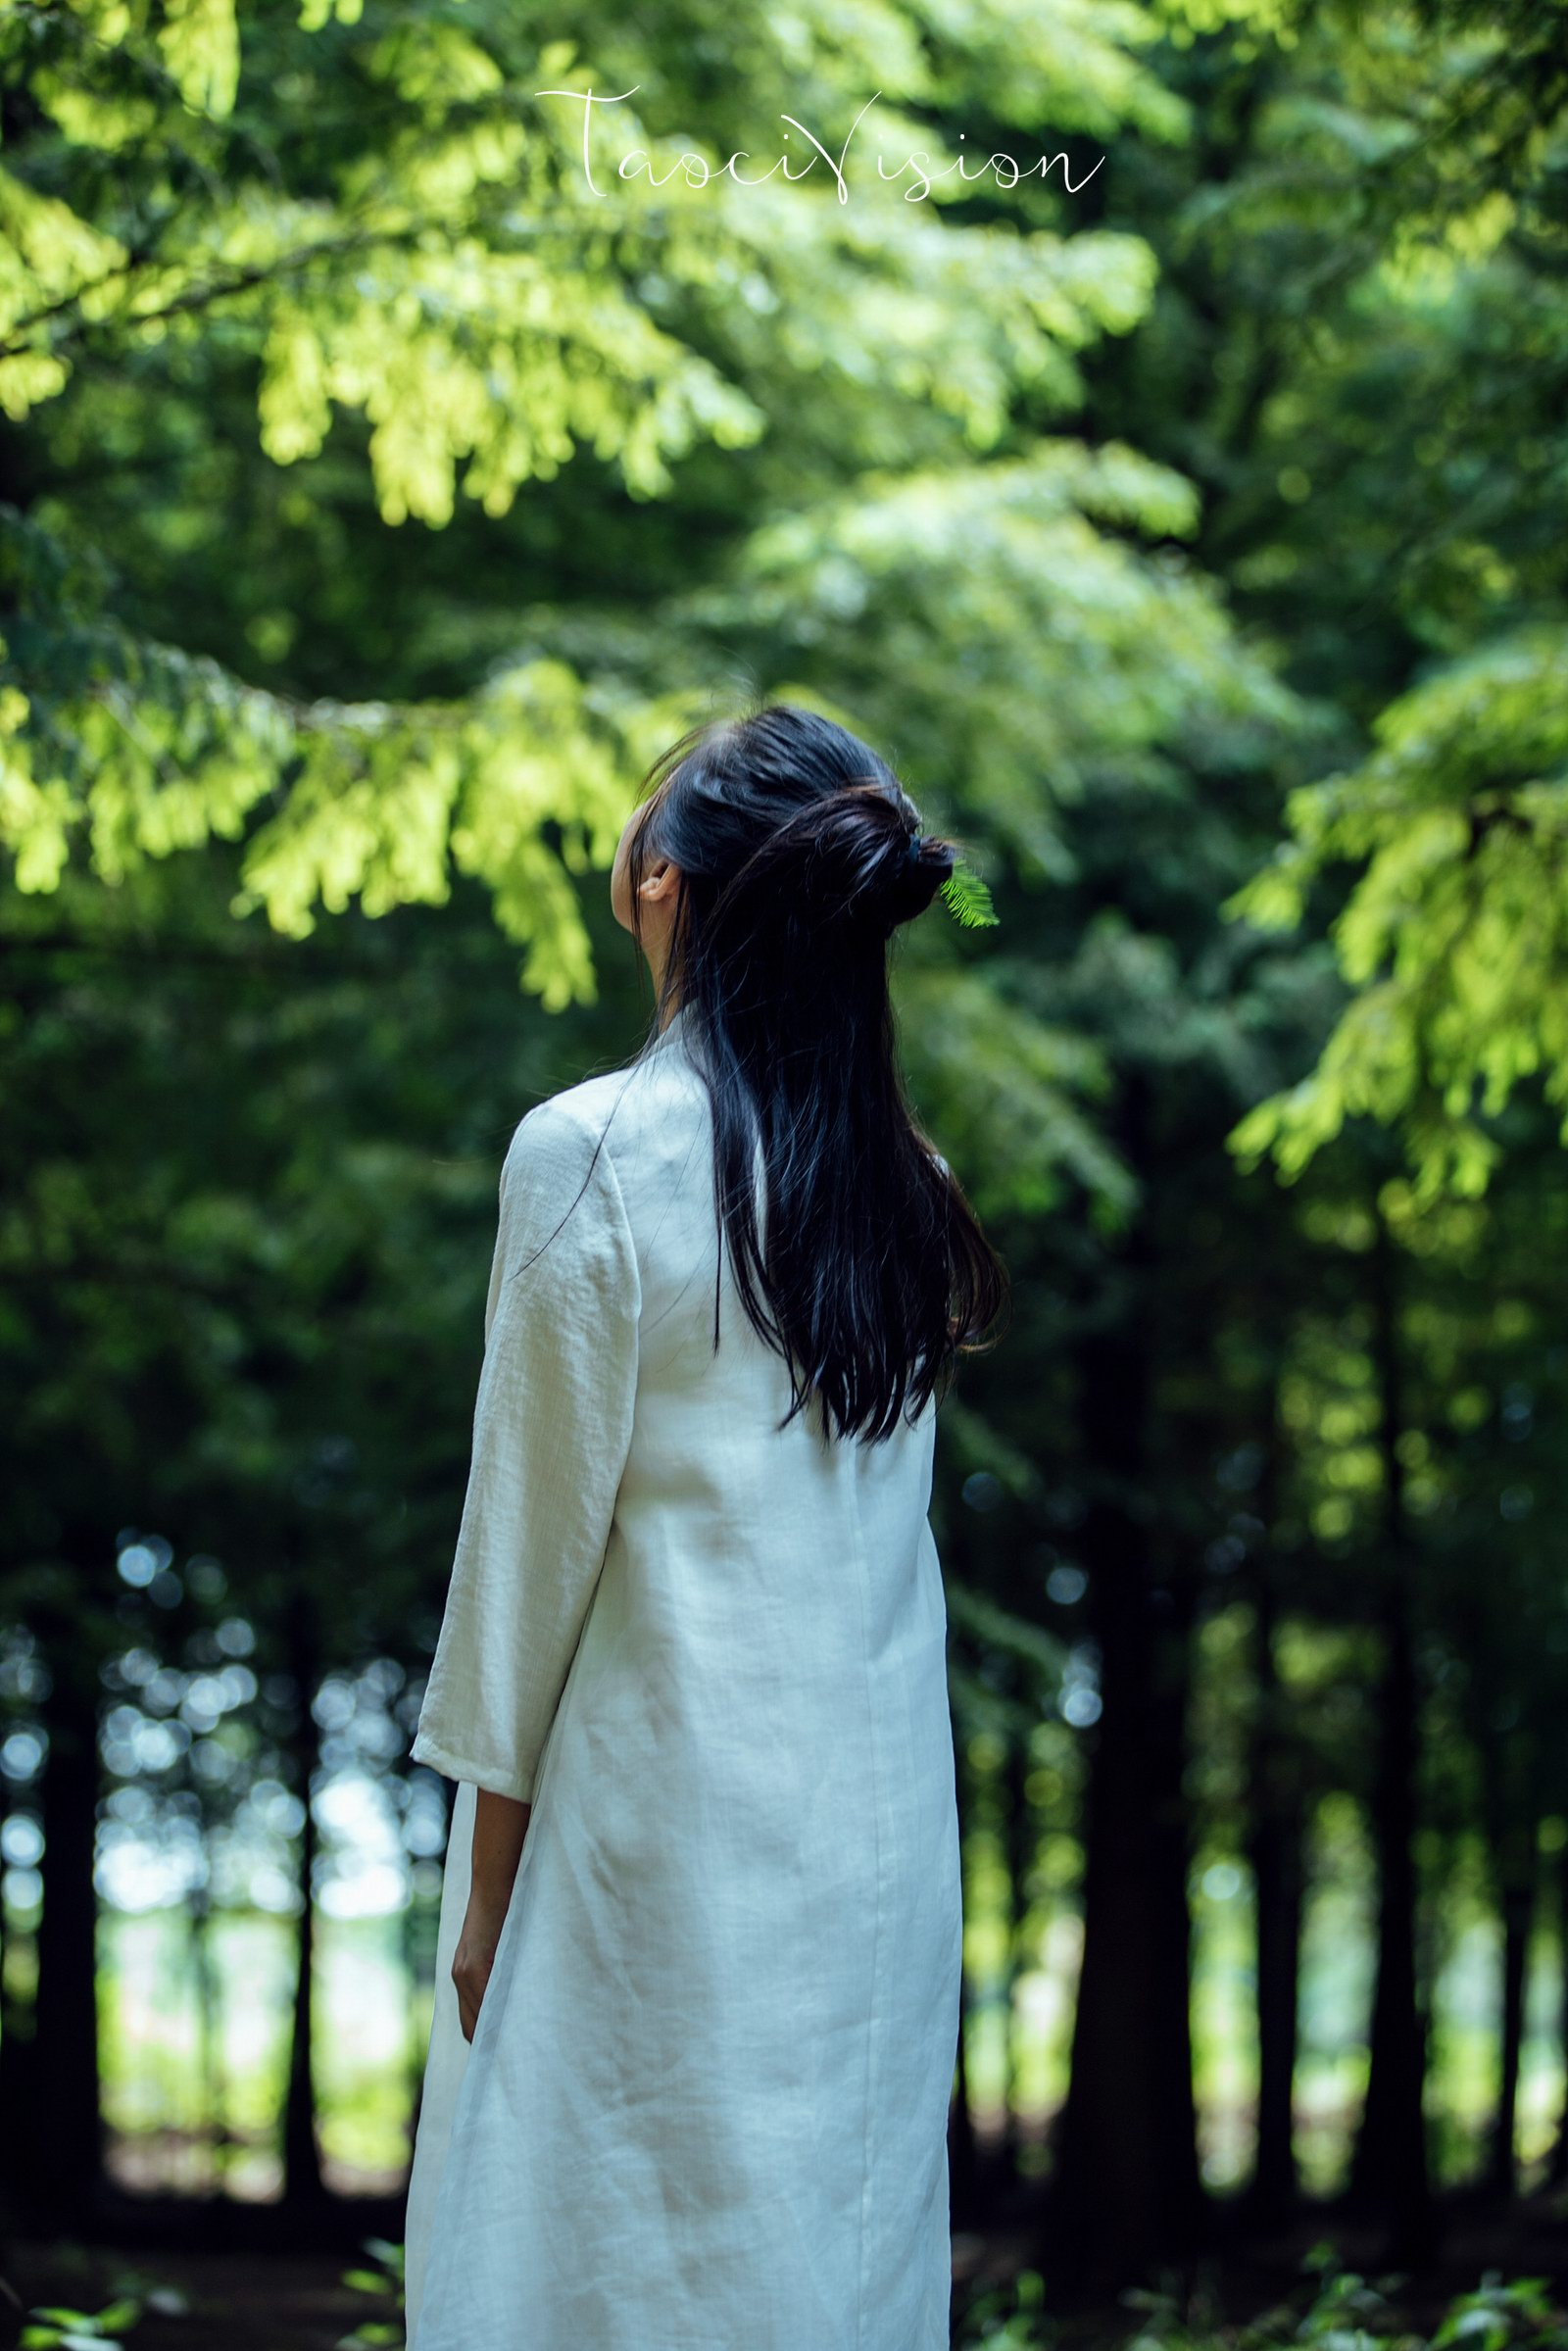 轻摇时光  我站在孤独里守望 【情感驿站】- 水墨凝烟 -花仙子的博客